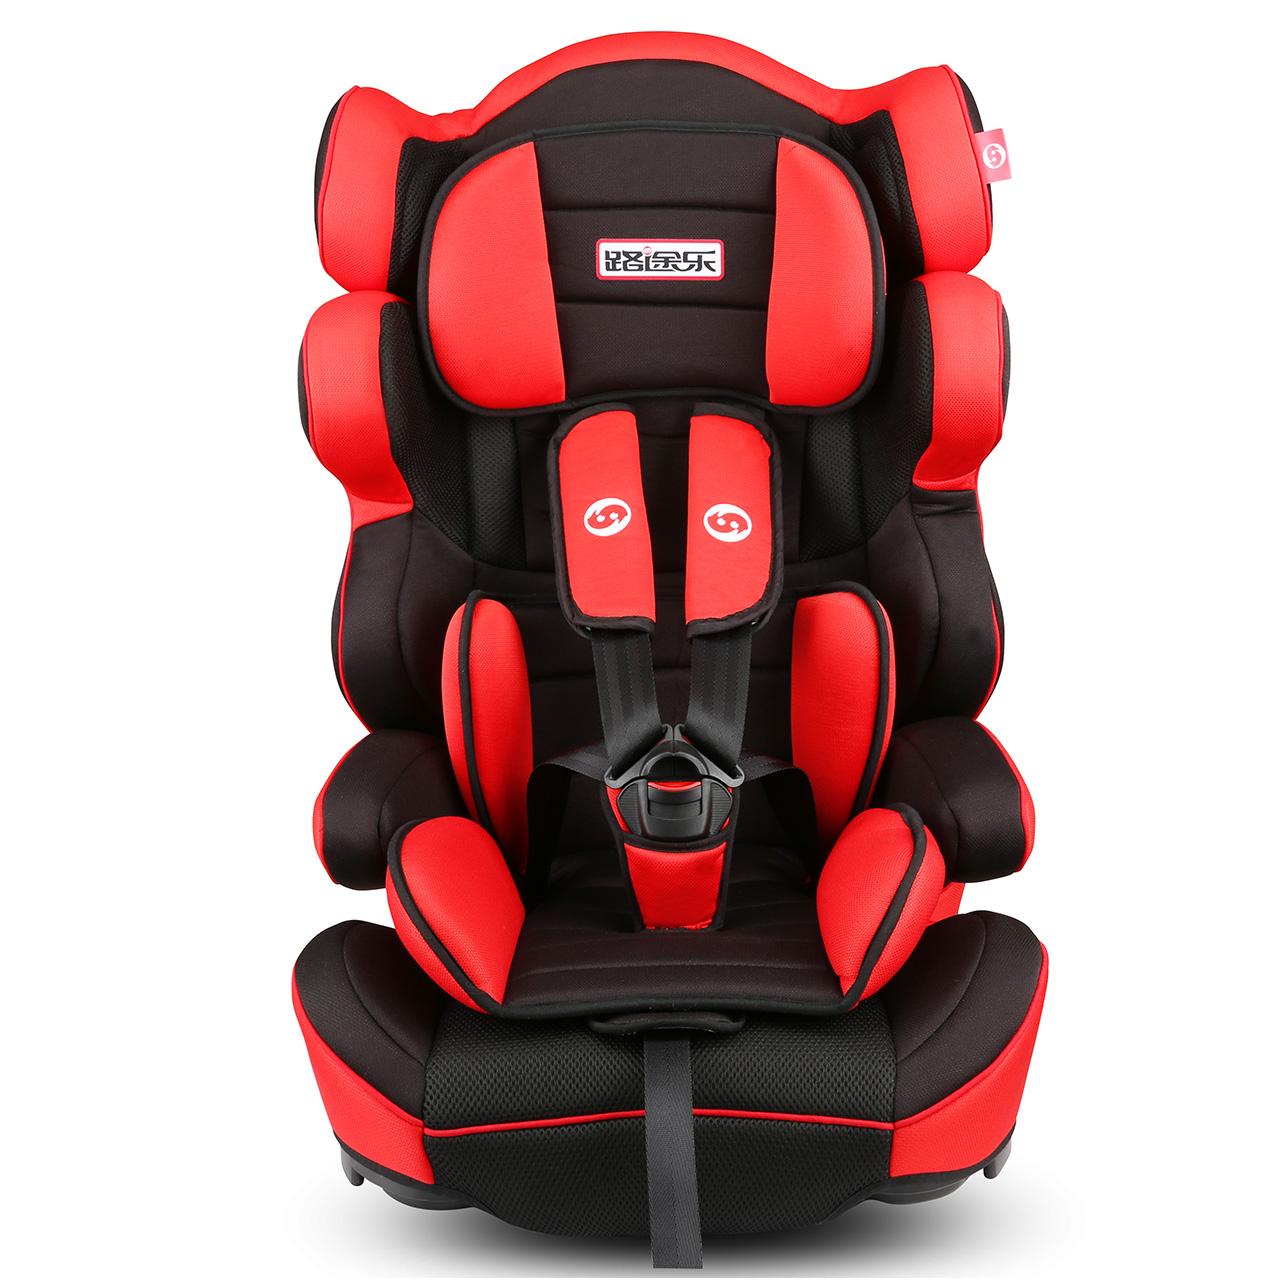 路途乐儿童安全座椅汽车用婴儿9个月-4-12岁车载宝宝坐椅 3c认证